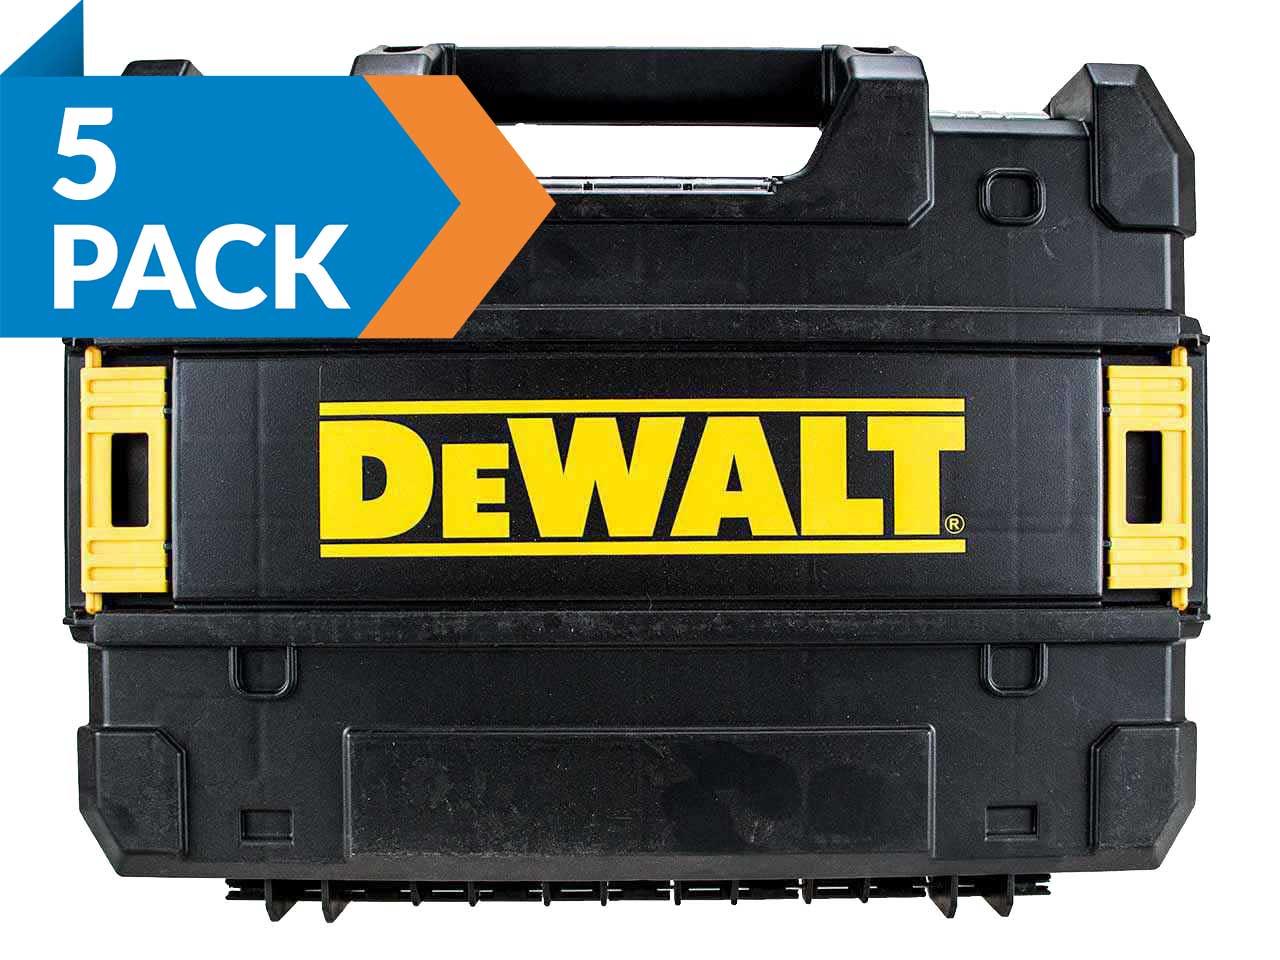 Dewalt_N506511x5_A.jpg